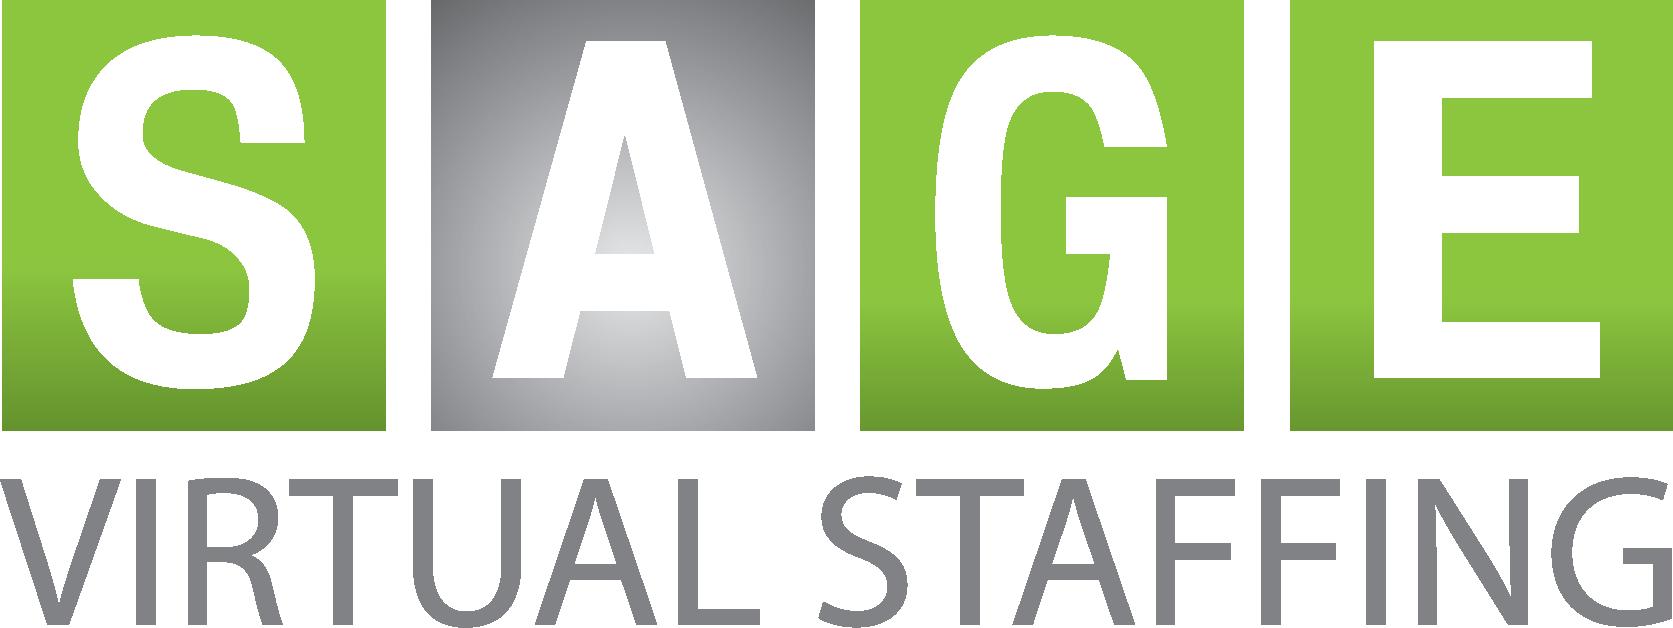 SAGE Virtual Staffing